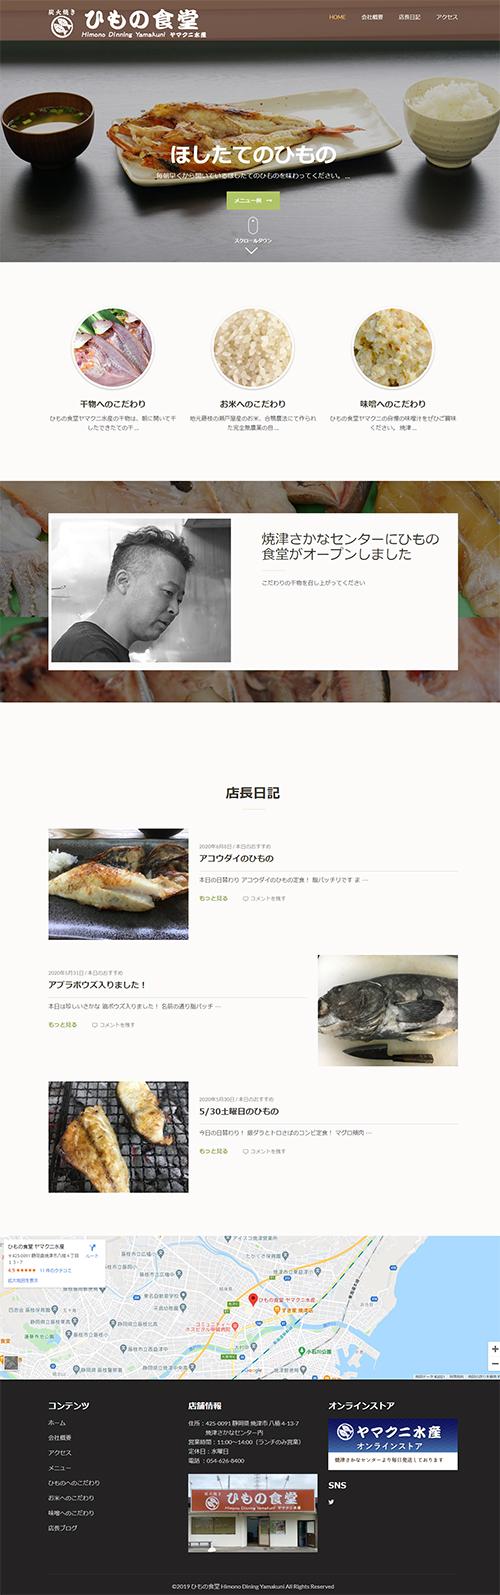 ひもの食堂ヤマクニ水産